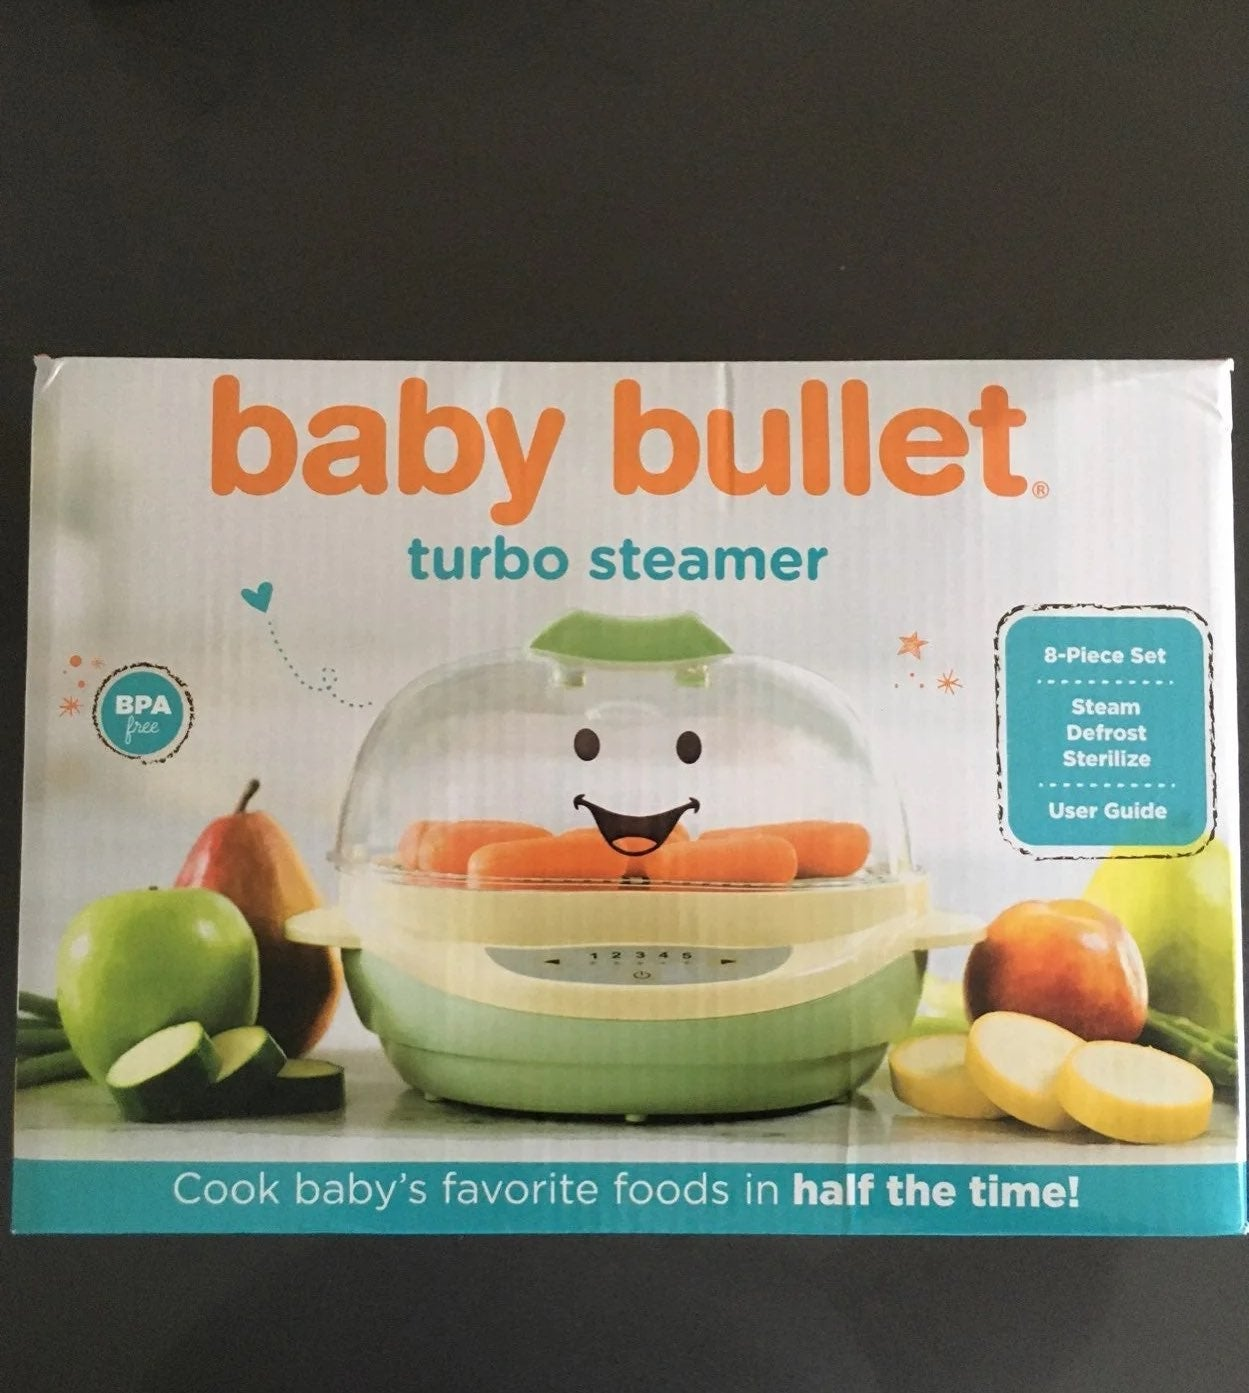 Baby Bullet Turbo Steamer